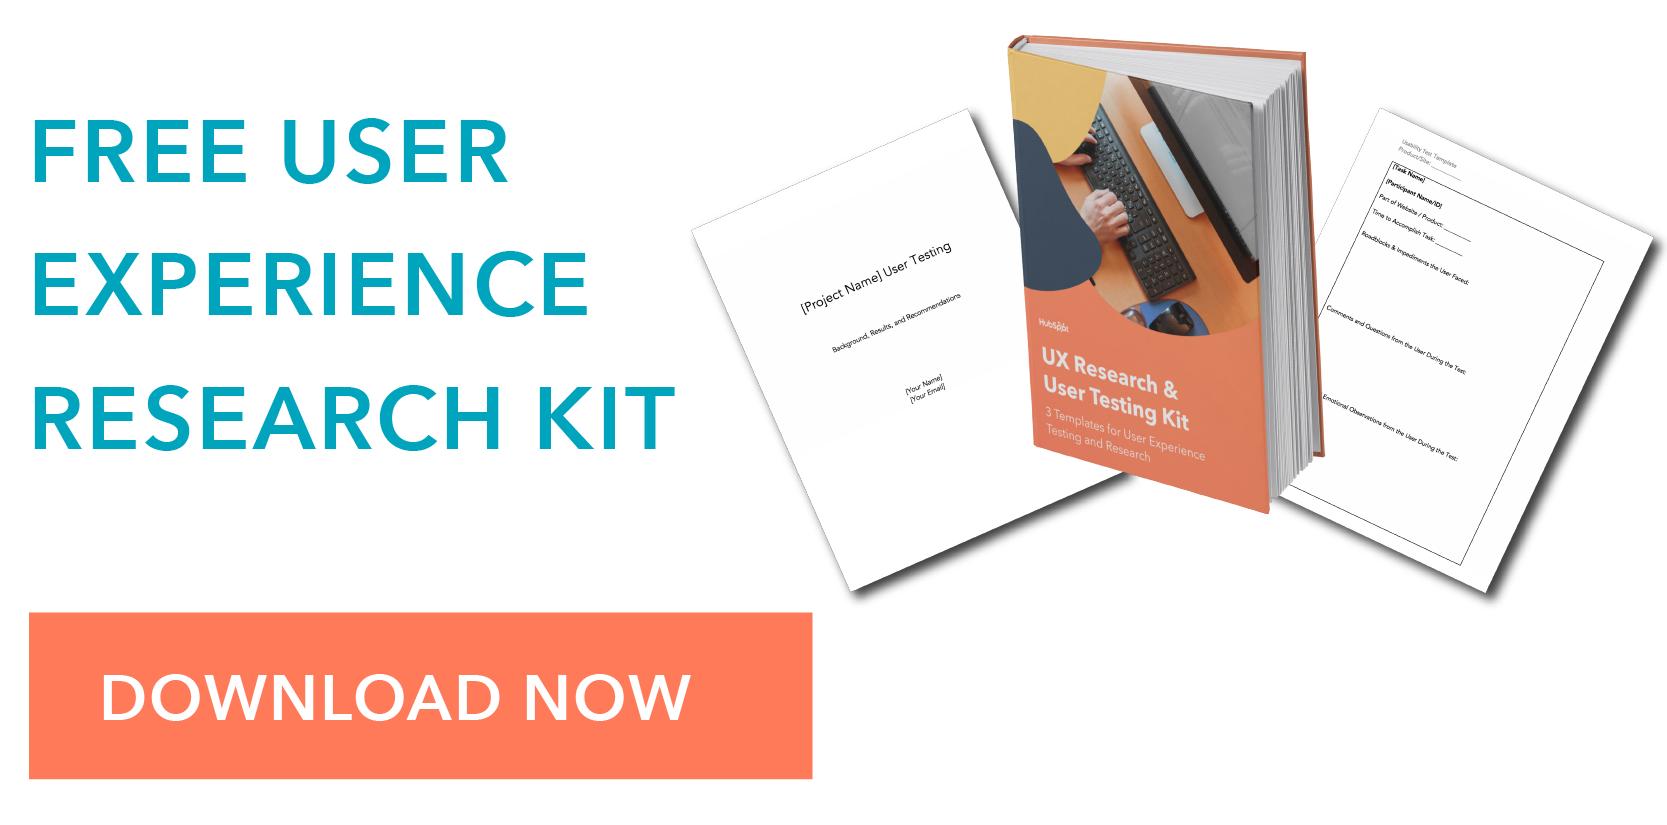 ux research kit